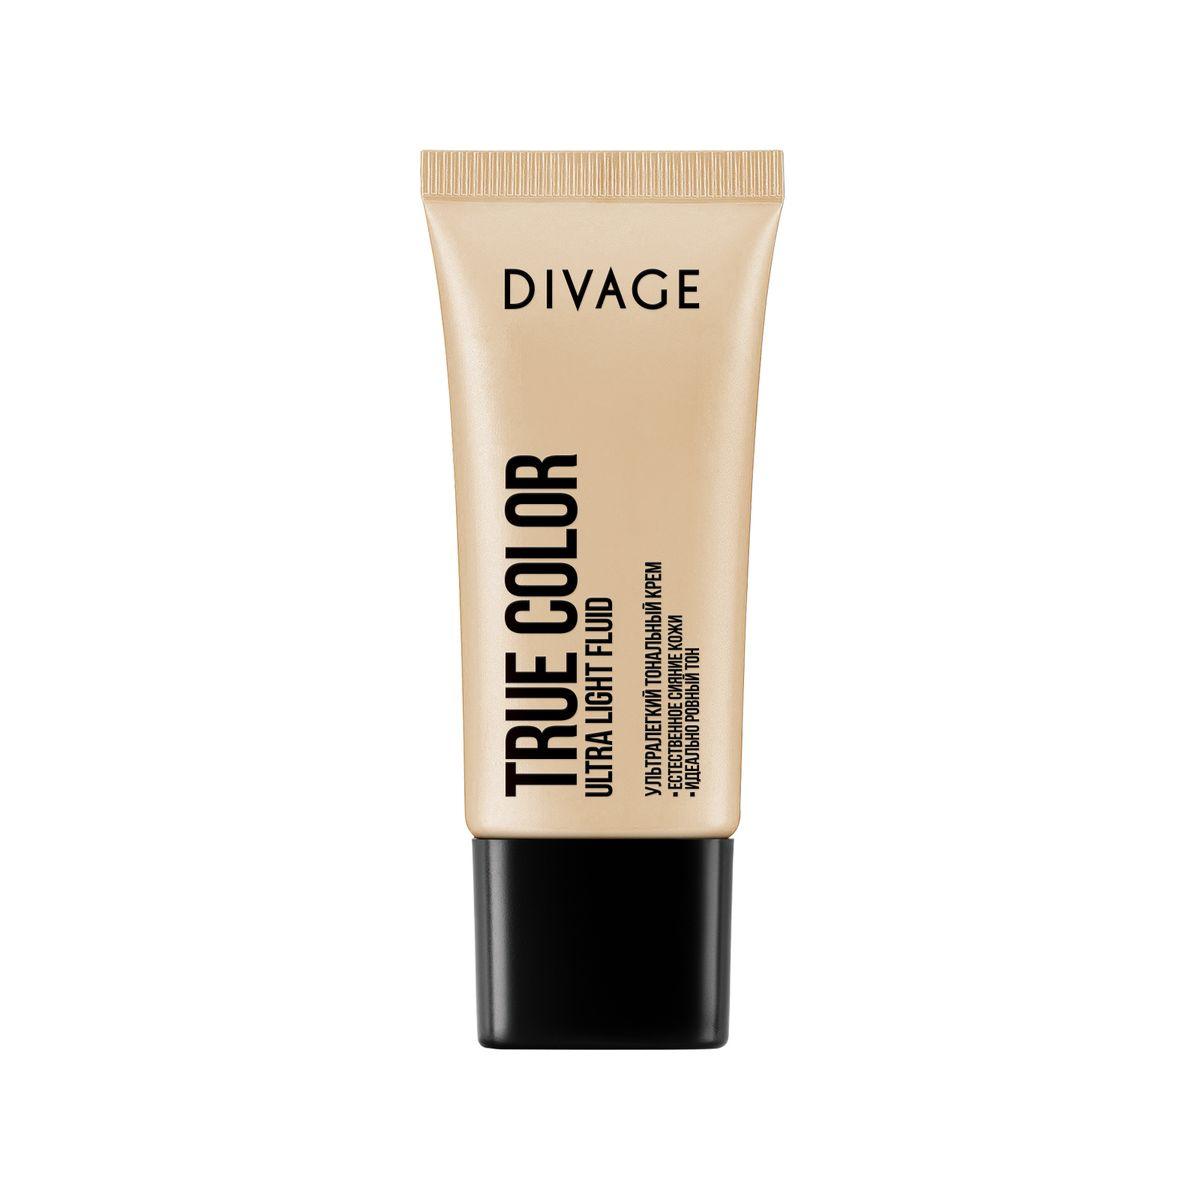 DIVAGE Тональный крем TRUE COLOR, тон № 04, 30 мл219609Невидимая и лёгкая тональная основа с прозрачной водянистой текстурой эффективно увлажняет и освежает кожу. Влага наполняет клетки и хорошо удерживается в поверхности кожи. Масло авокадо и витамины Е помогают клеткам кожи противостоять вредным воздействиям окружающей среды. Хорошо увлажнённая и защищённая кожа выглядит свежей, ухоженной и ровной без ощущения «маски на лице».